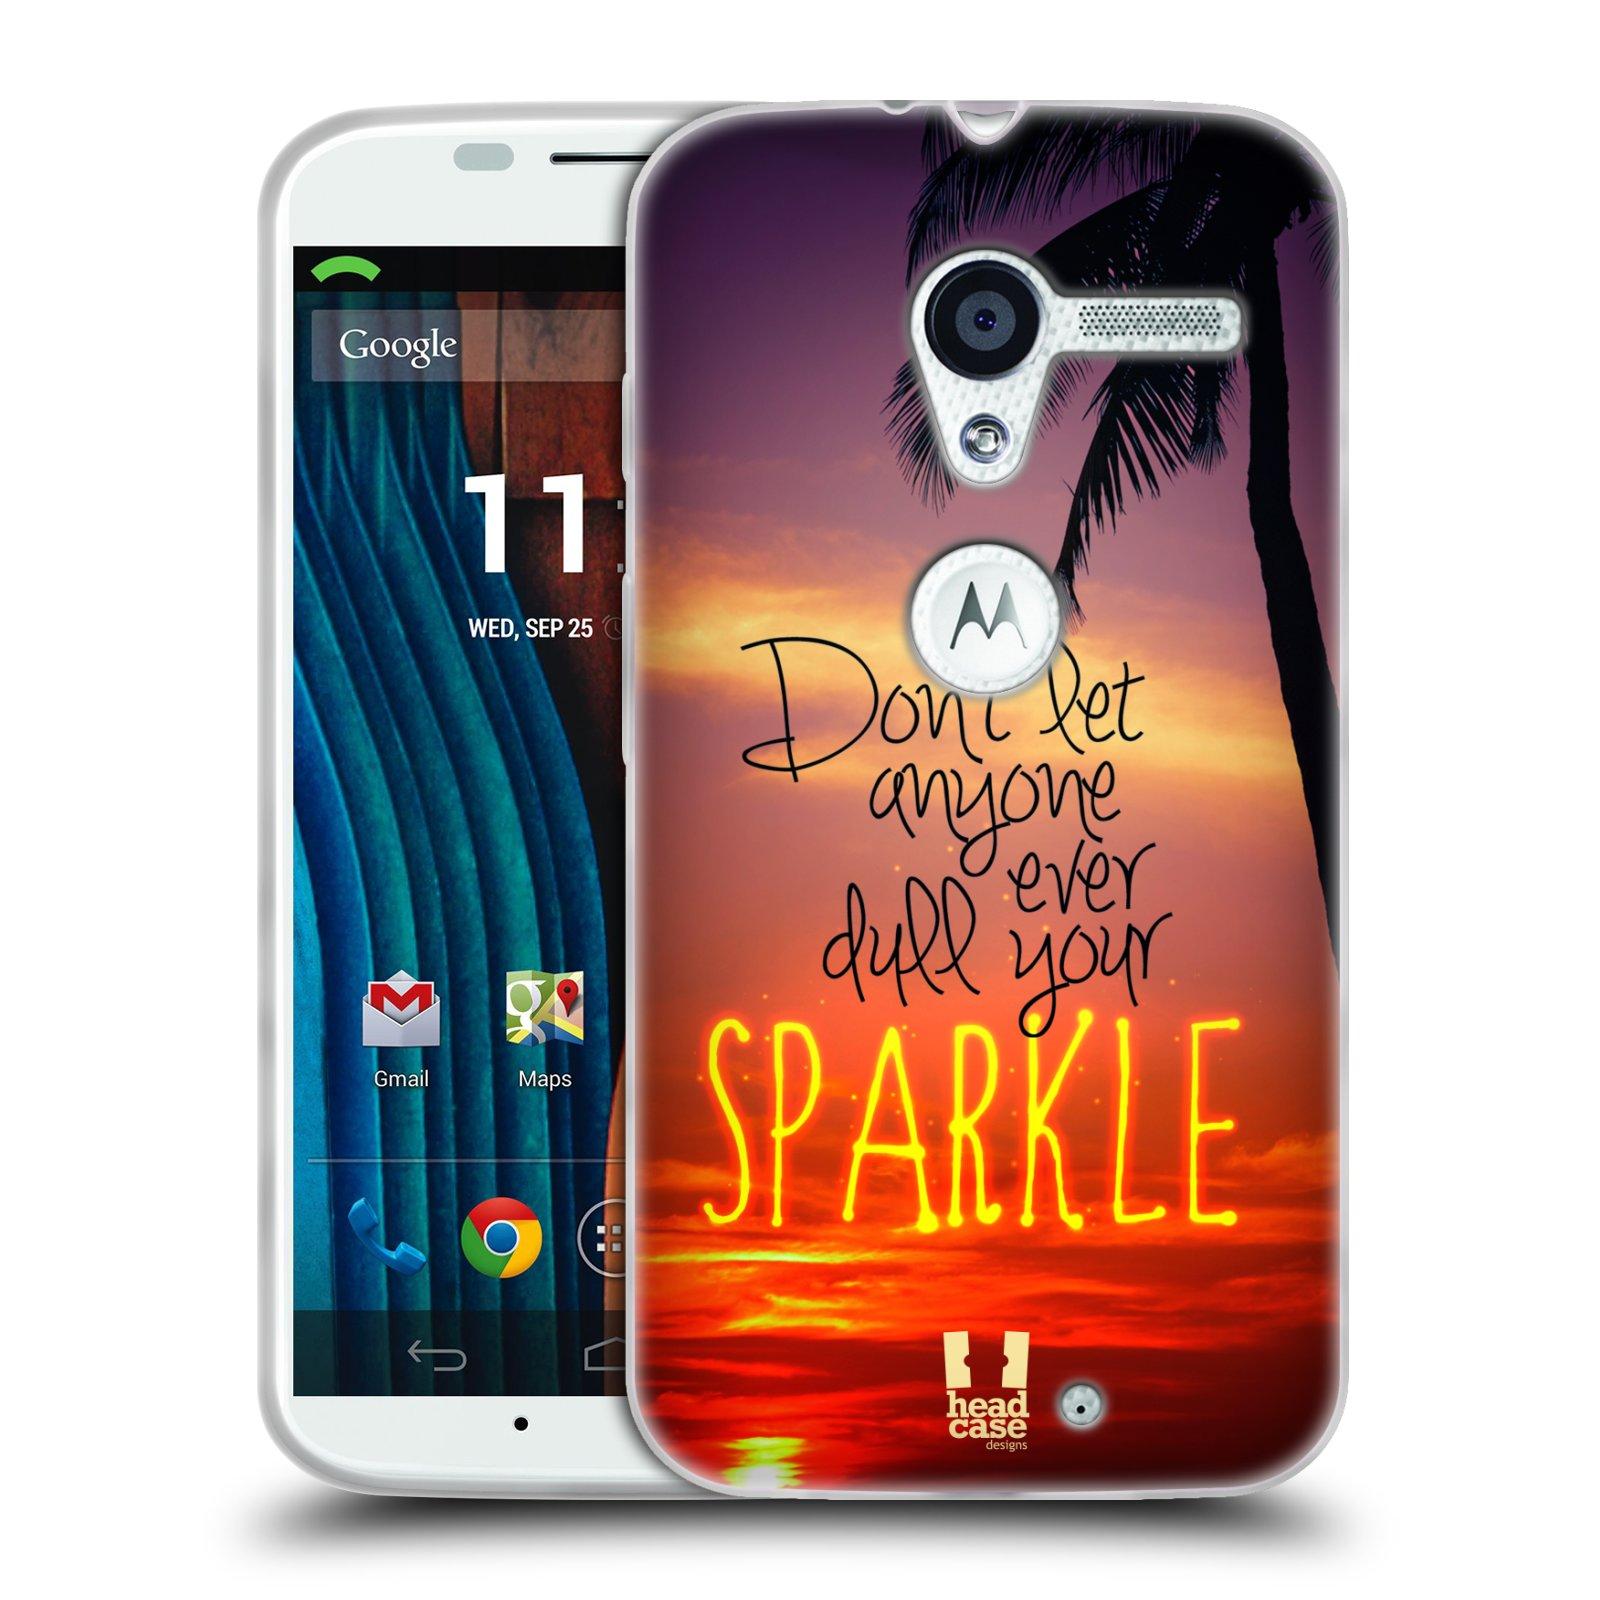 Silikonové pouzdro na mobil Motorola Moto X HEAD CASE SPARKLE (Silikonový kryt či obal na mobilní telefon Motorola Moto X)